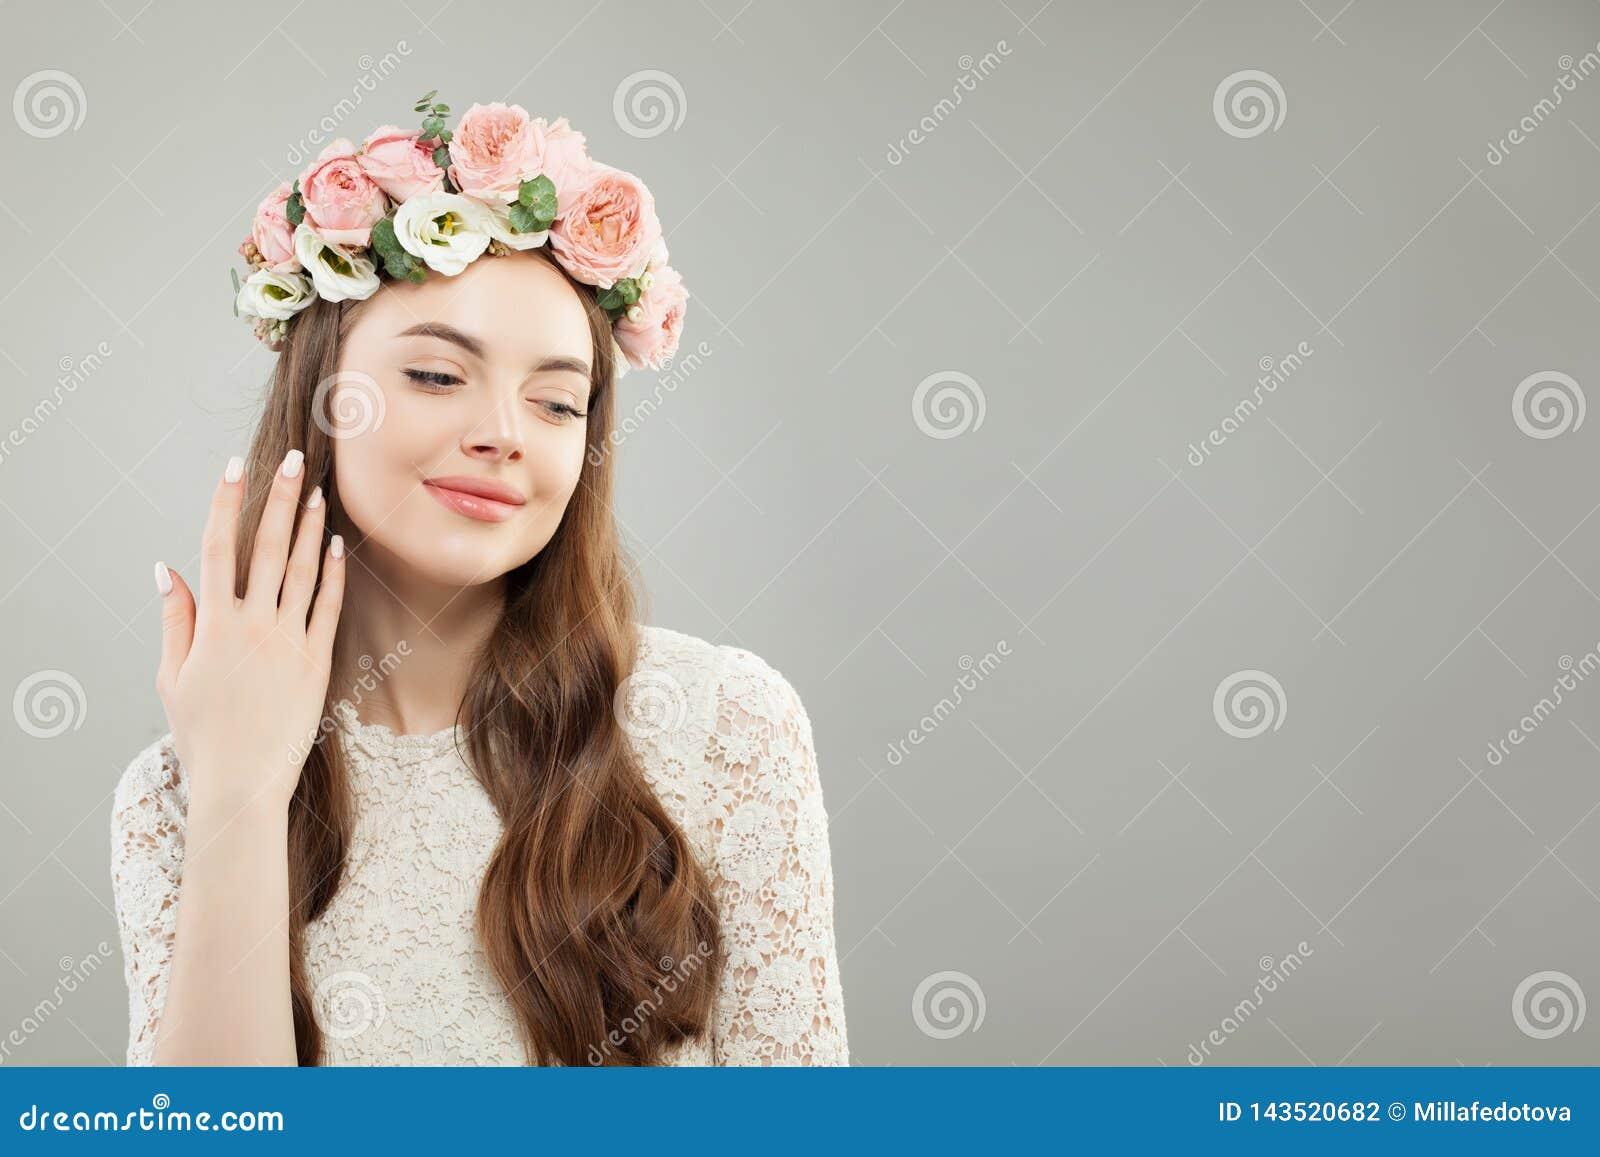 Natuurlijke Schoonheid Mooi ModelWoman met Lang Krullend Haar, Gezonde Huid, Natuurlijke Naakte Make-up en Bloemen